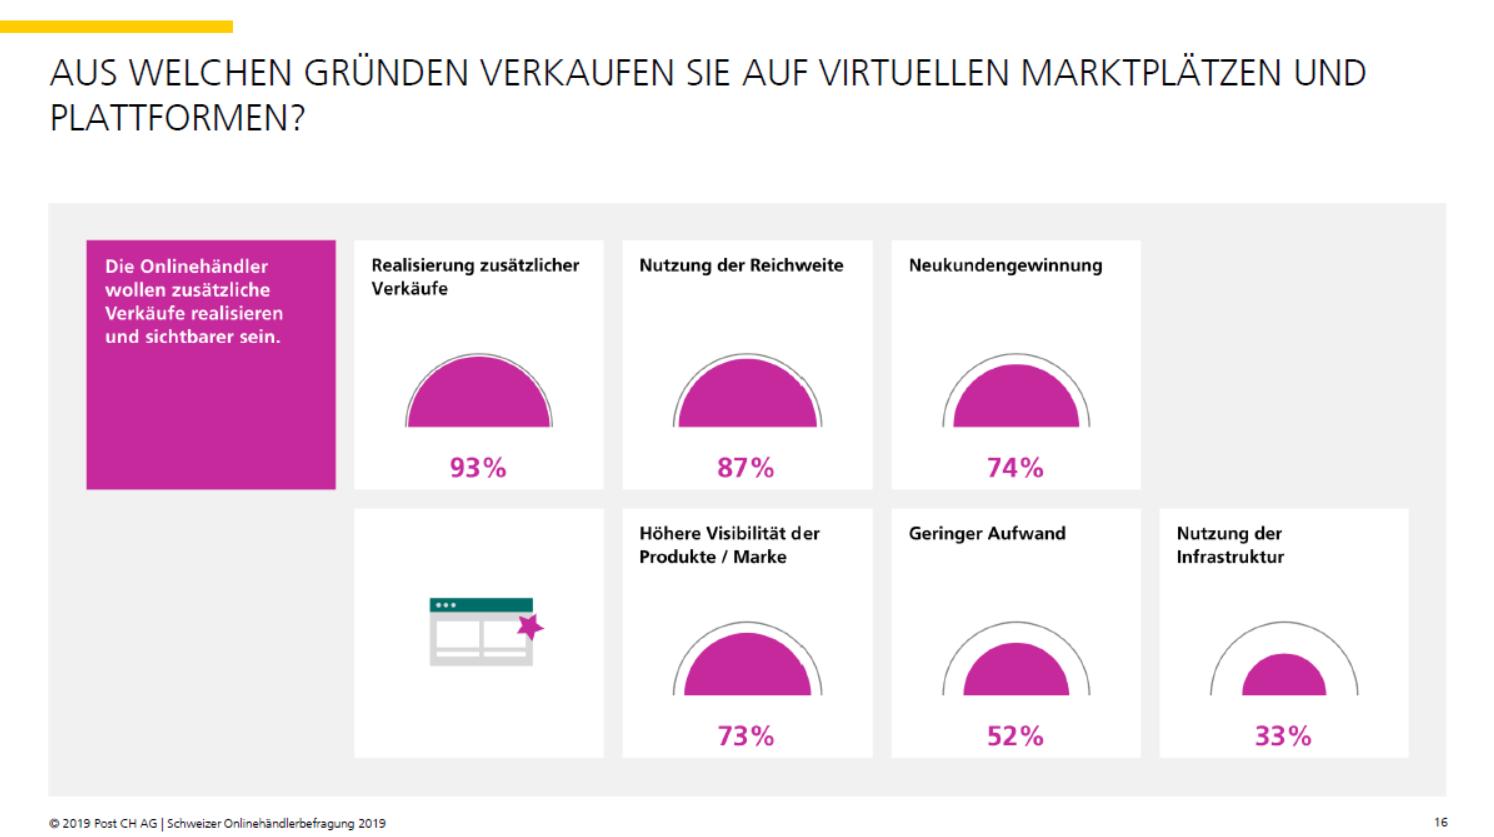 Gründe, warum Schweizer Onlinehändler auf Marktplätzen verkaufen - Quelle: Onlinehändlerbefragung 2019